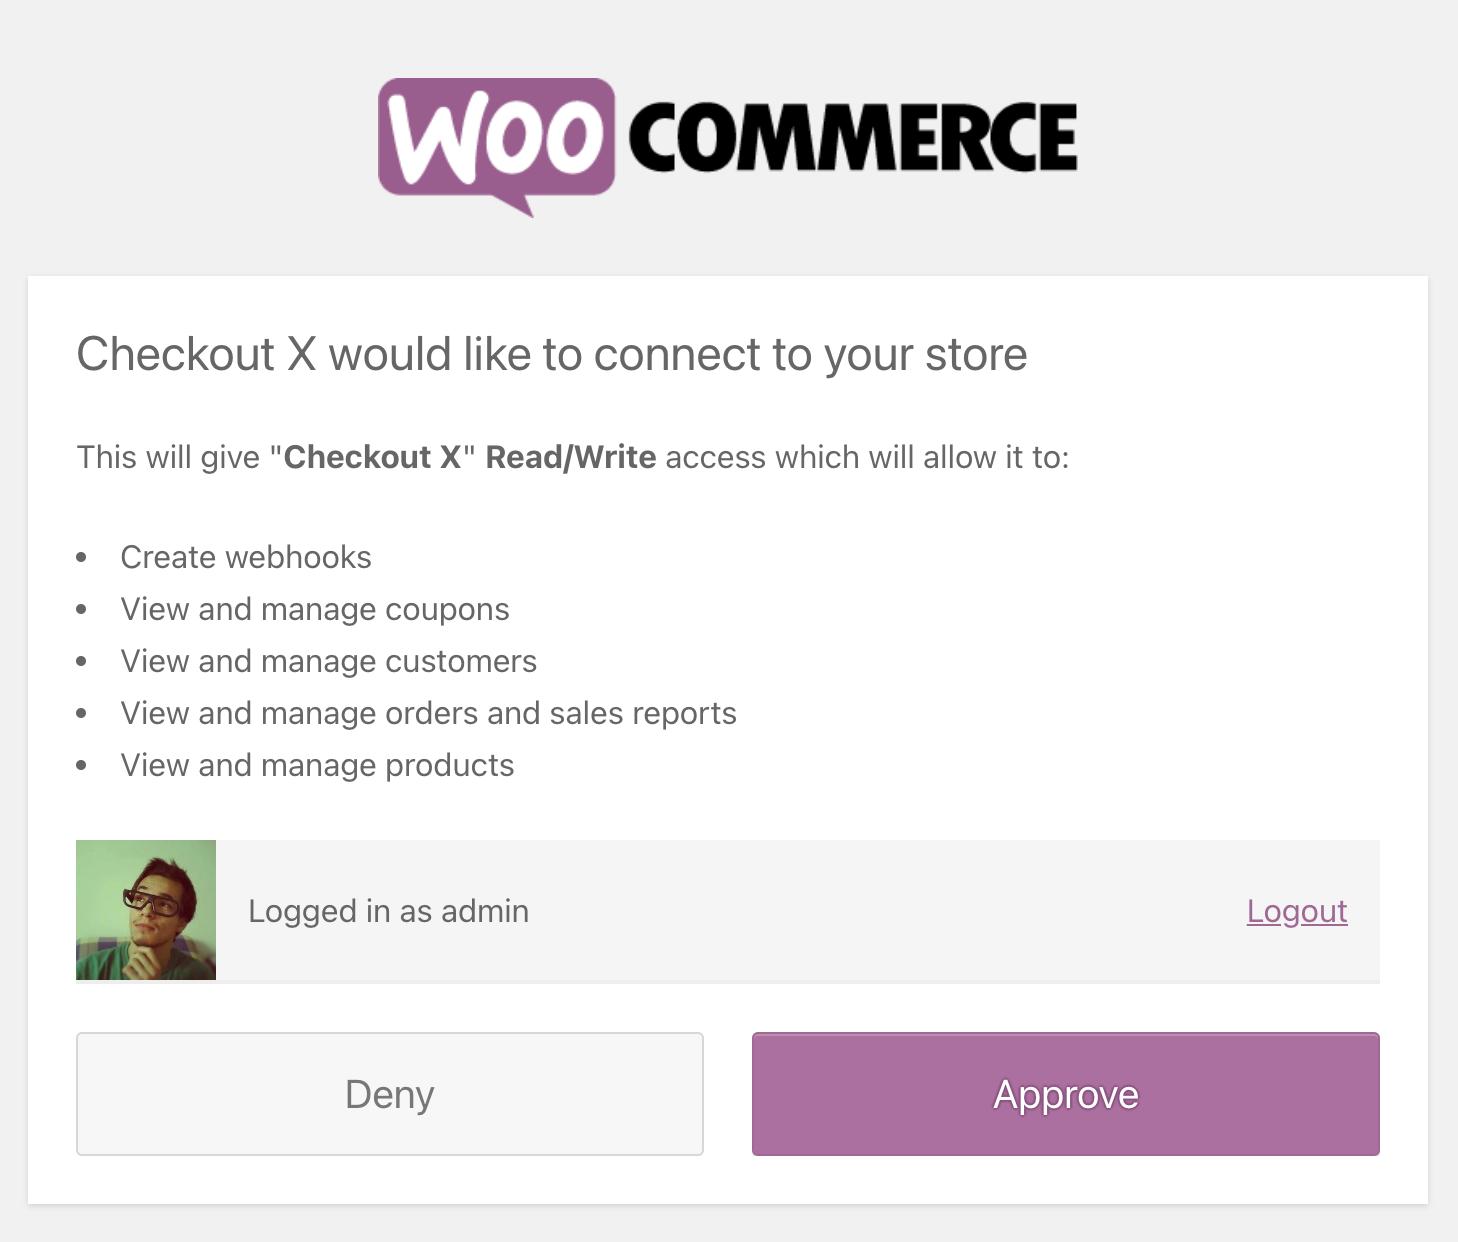 WooCommerce permissions screen